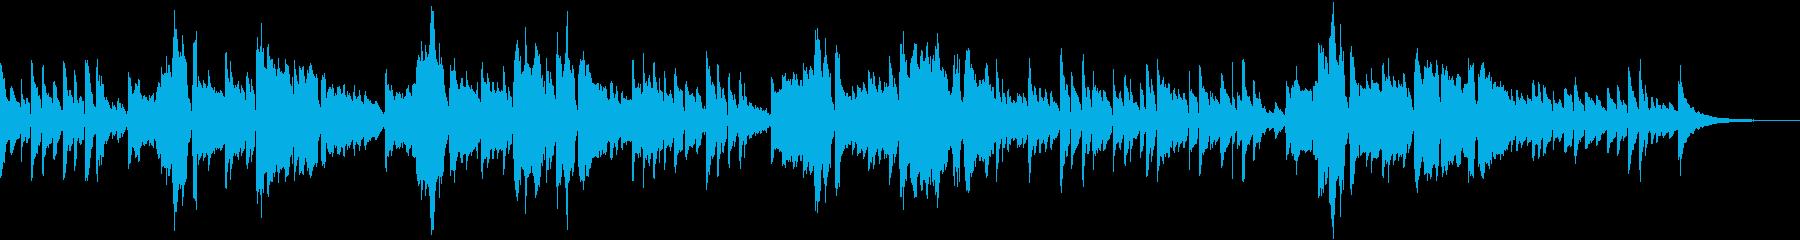 秋の歌、童謡赤とんぼの男声ギター弾き語りの再生済みの波形